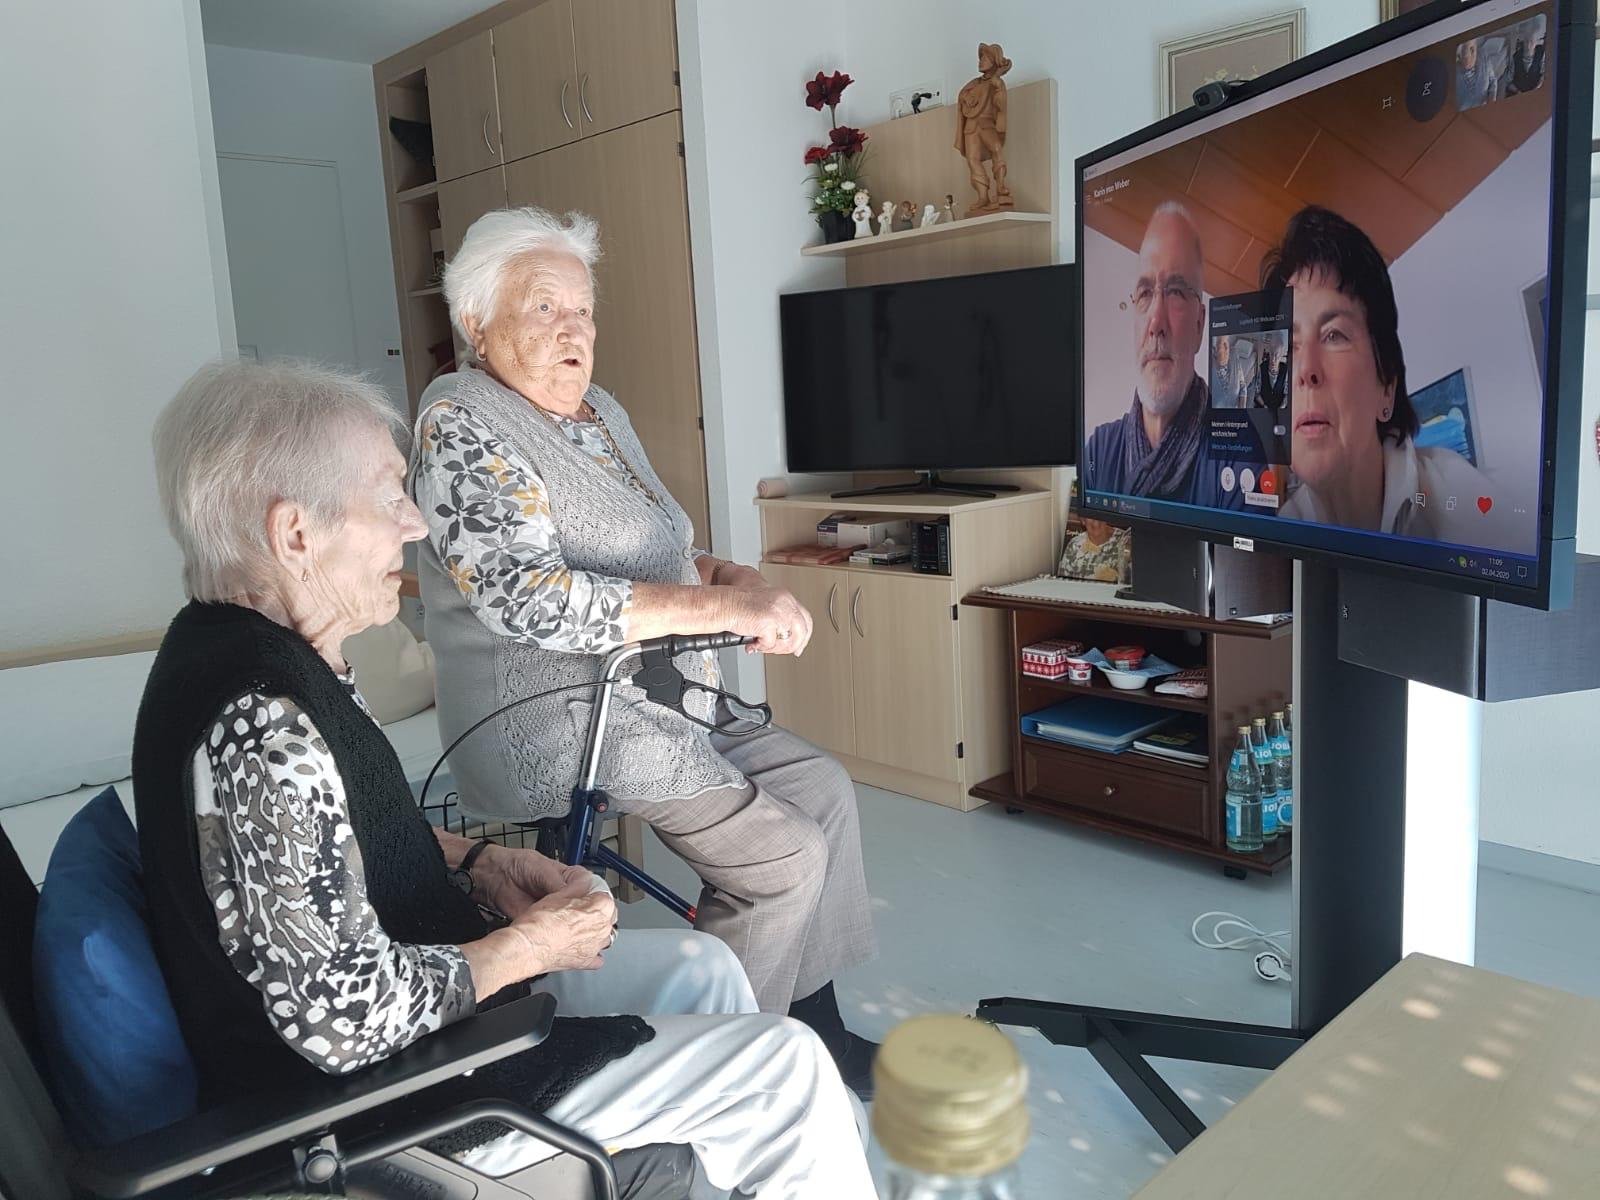 Zwei Seniorinnen sitzen vor einem Bildschirm und skypen.